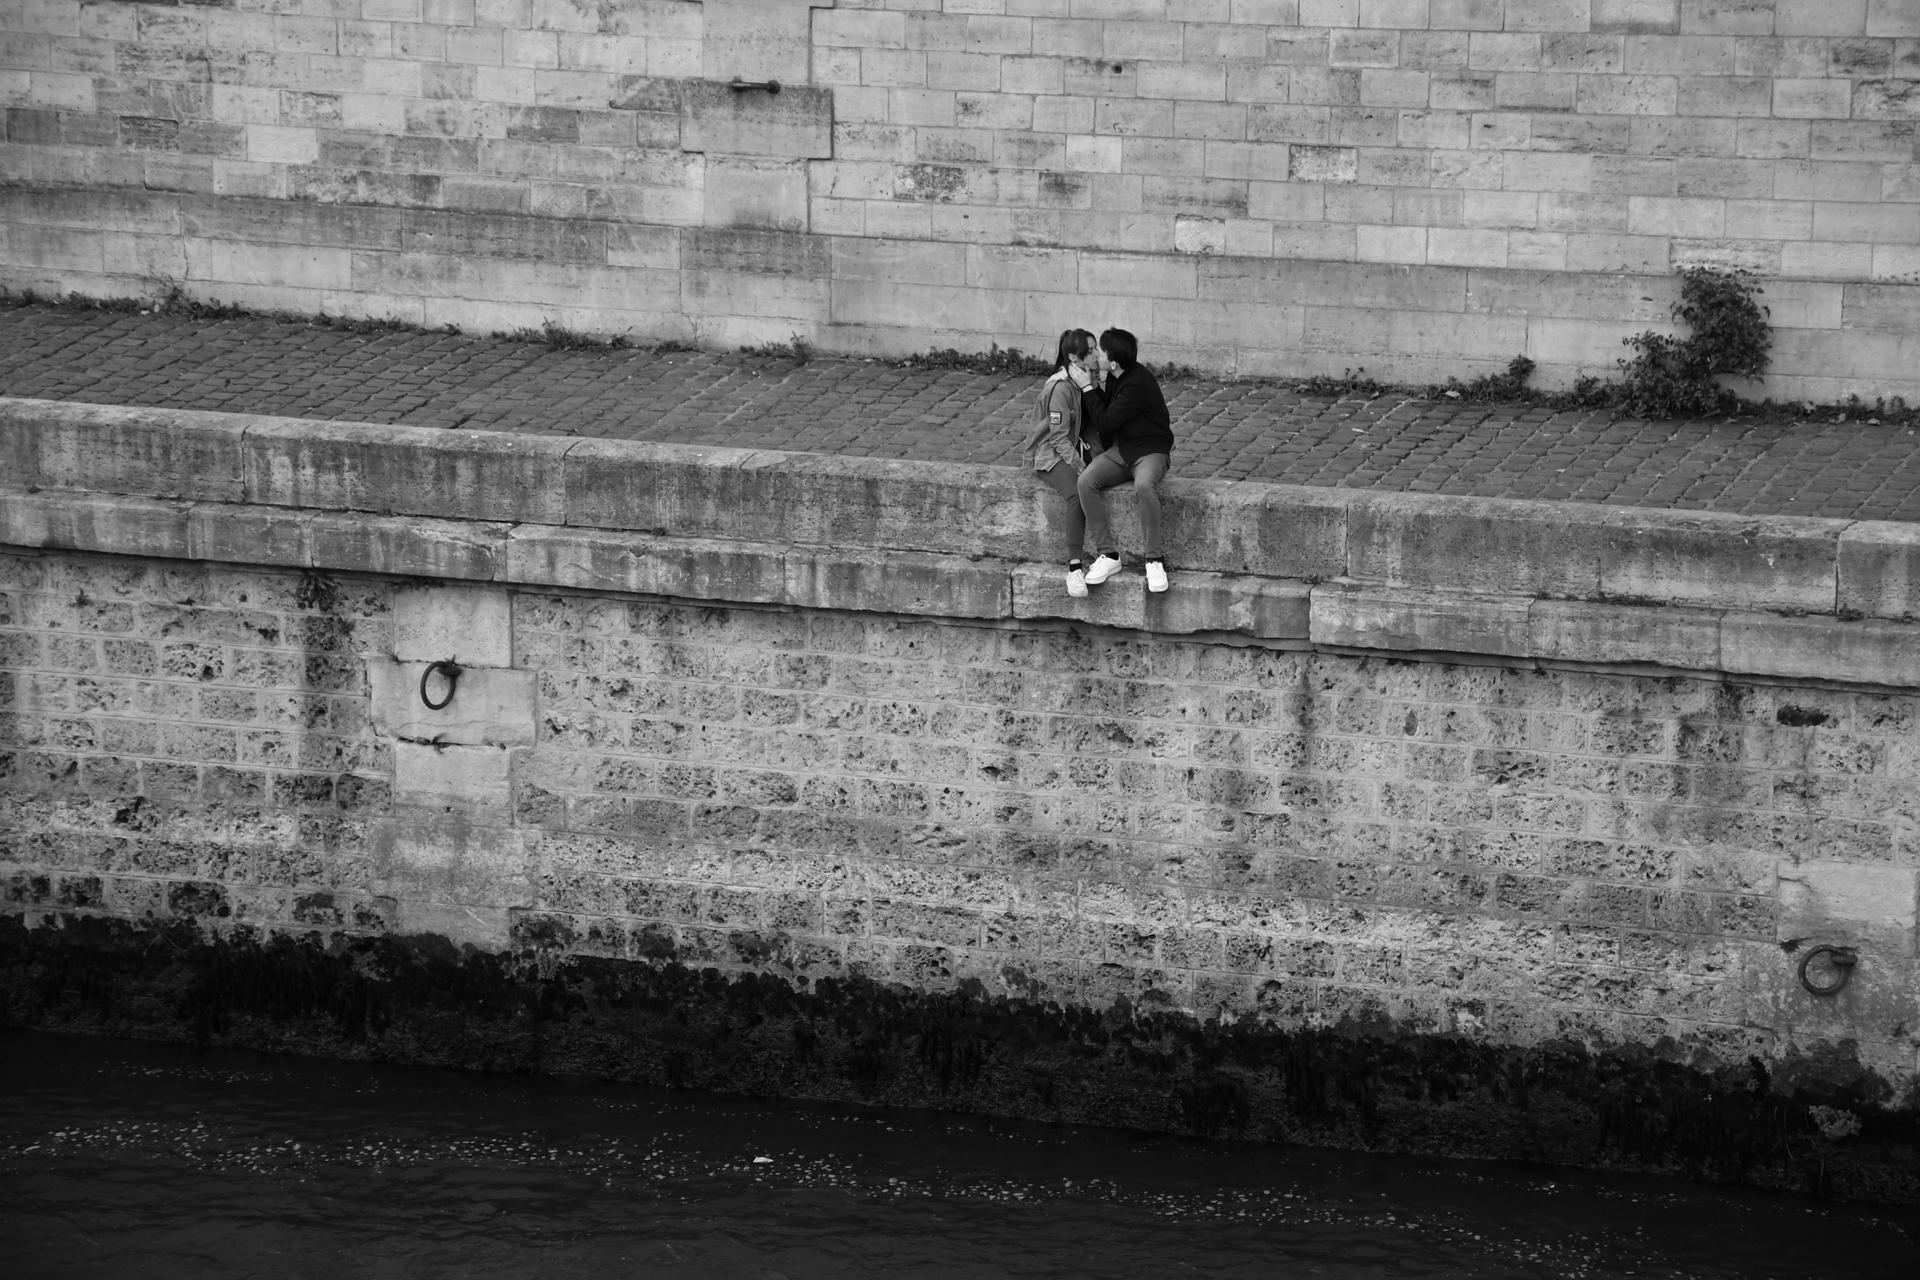 פריז סיפור אהבה - יואל שתרוג - אדמה יוצרת - yoel sitruk